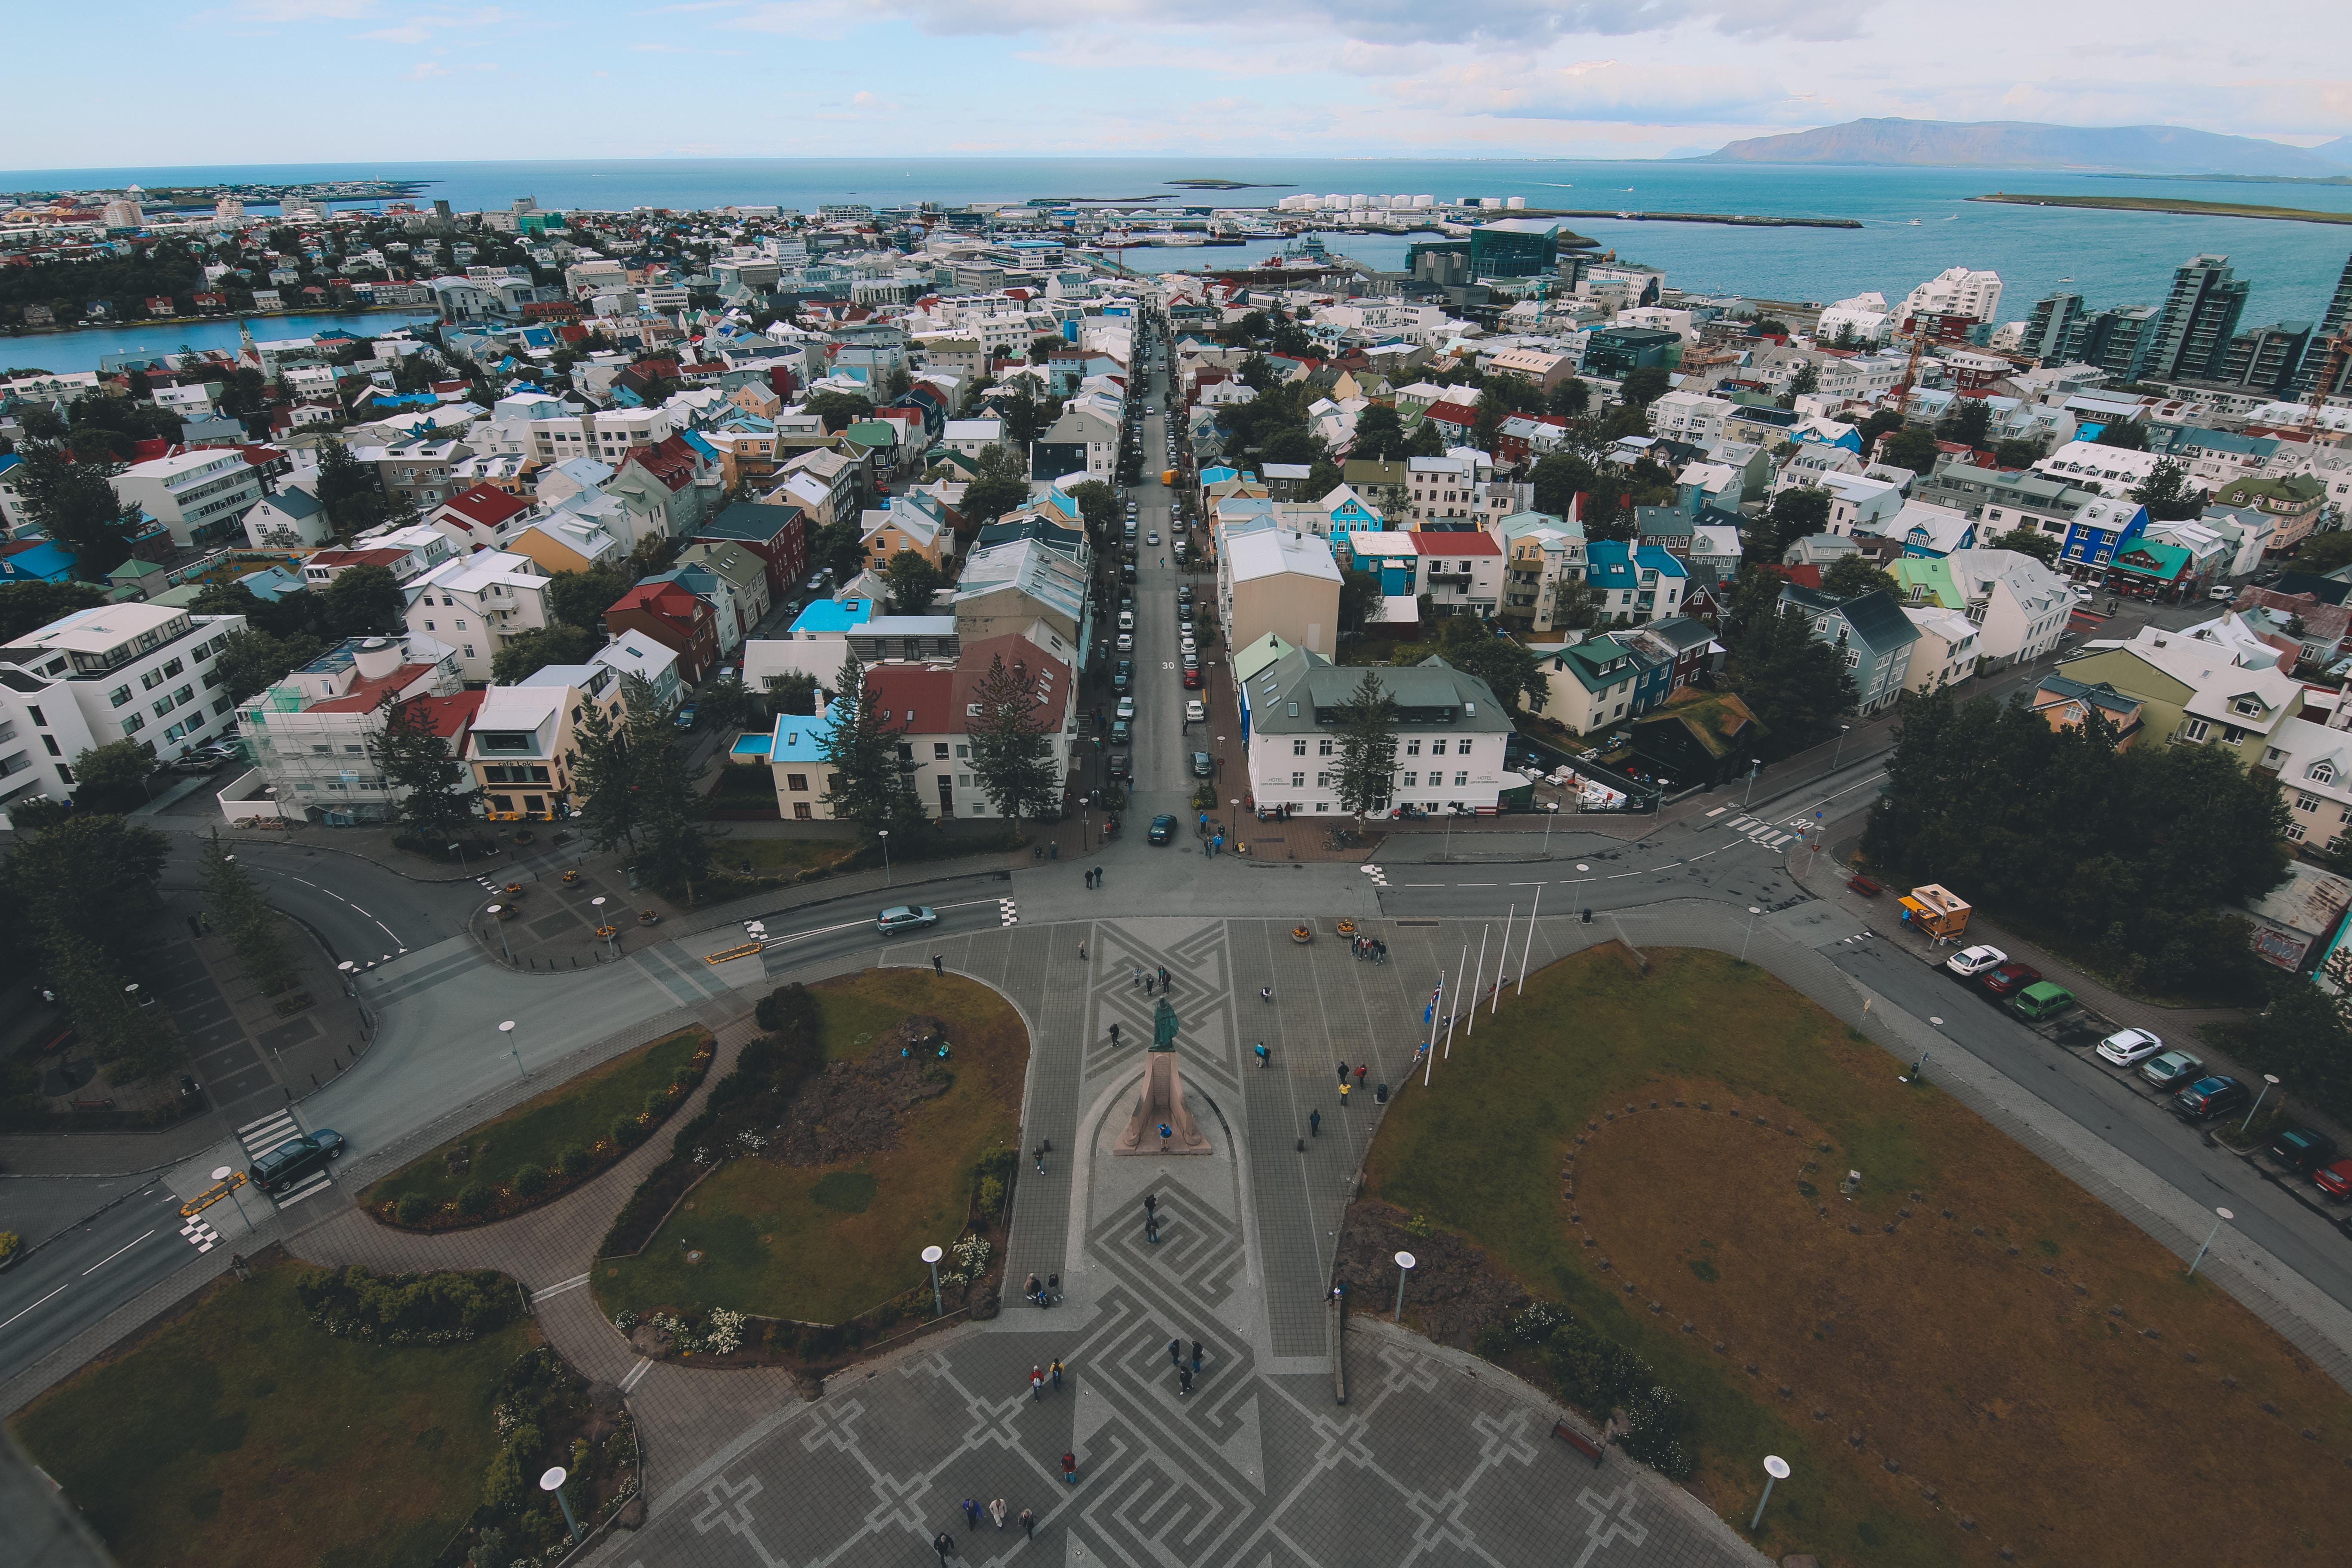 ดูจัตุรัสที่น่ารู้ด้านล่างหอโบสถ์Hallgrímskirkjaและถนนช้อปปิ้งSkólavörðustígur